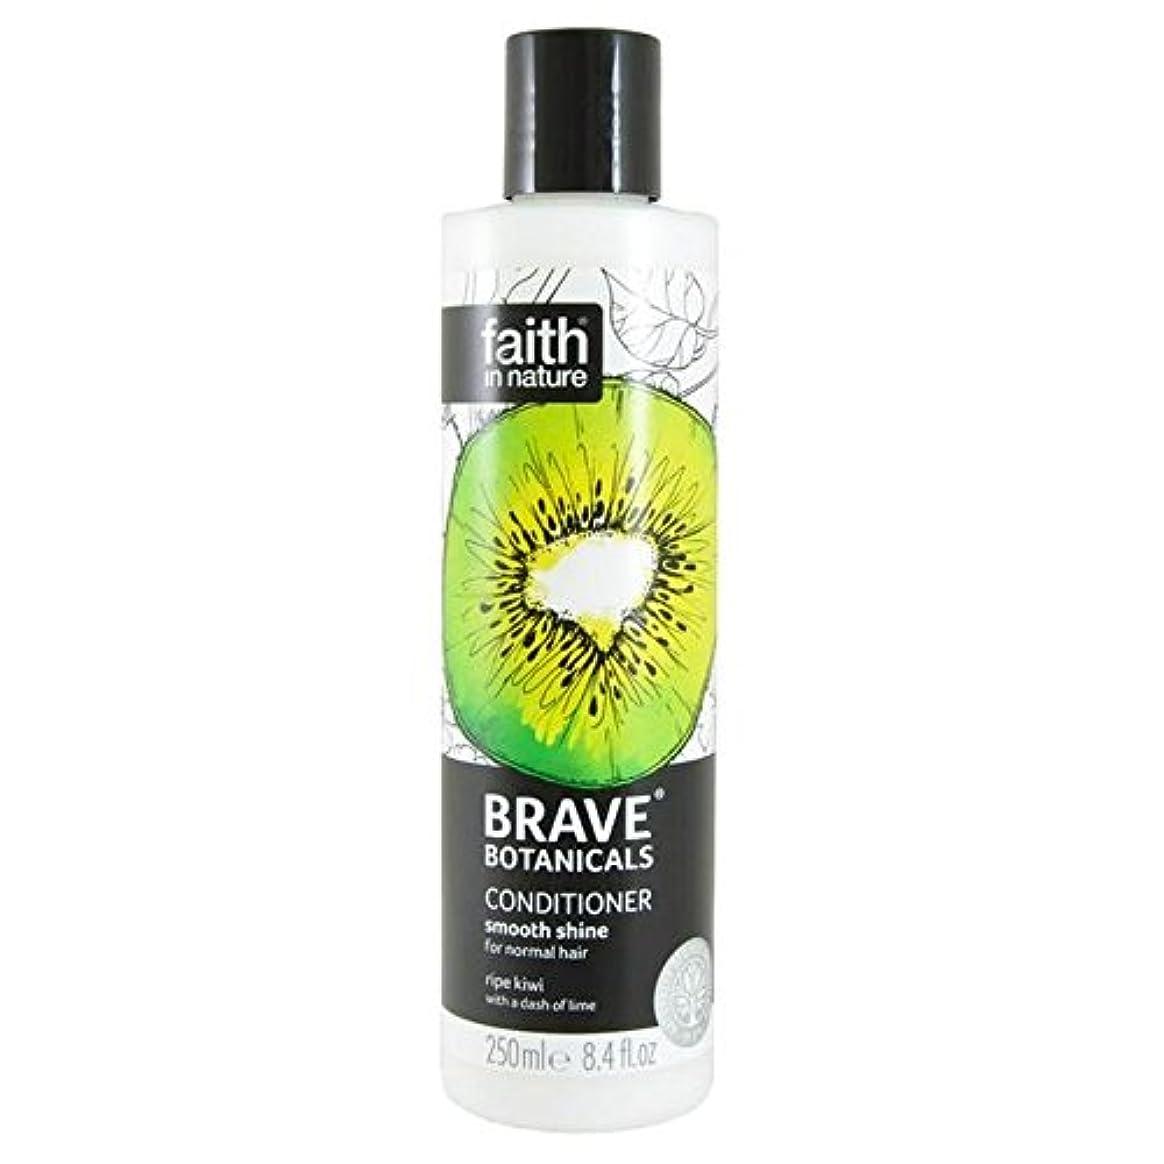 コミットスタッフ振動させるBrave Botanicals Kiwi & Lime Smooth Shine Conditioner 250ml (Pack of 6) - (Faith In Nature) 勇敢な植物キウイ&ライムなめらかな輝...